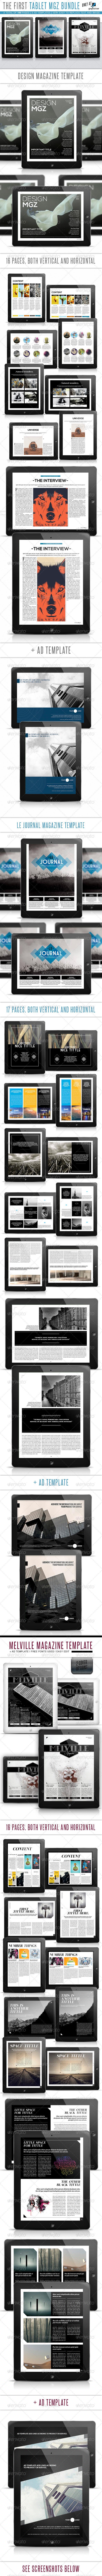 GraphicRiver Tablet MGZ Bundle 3528996